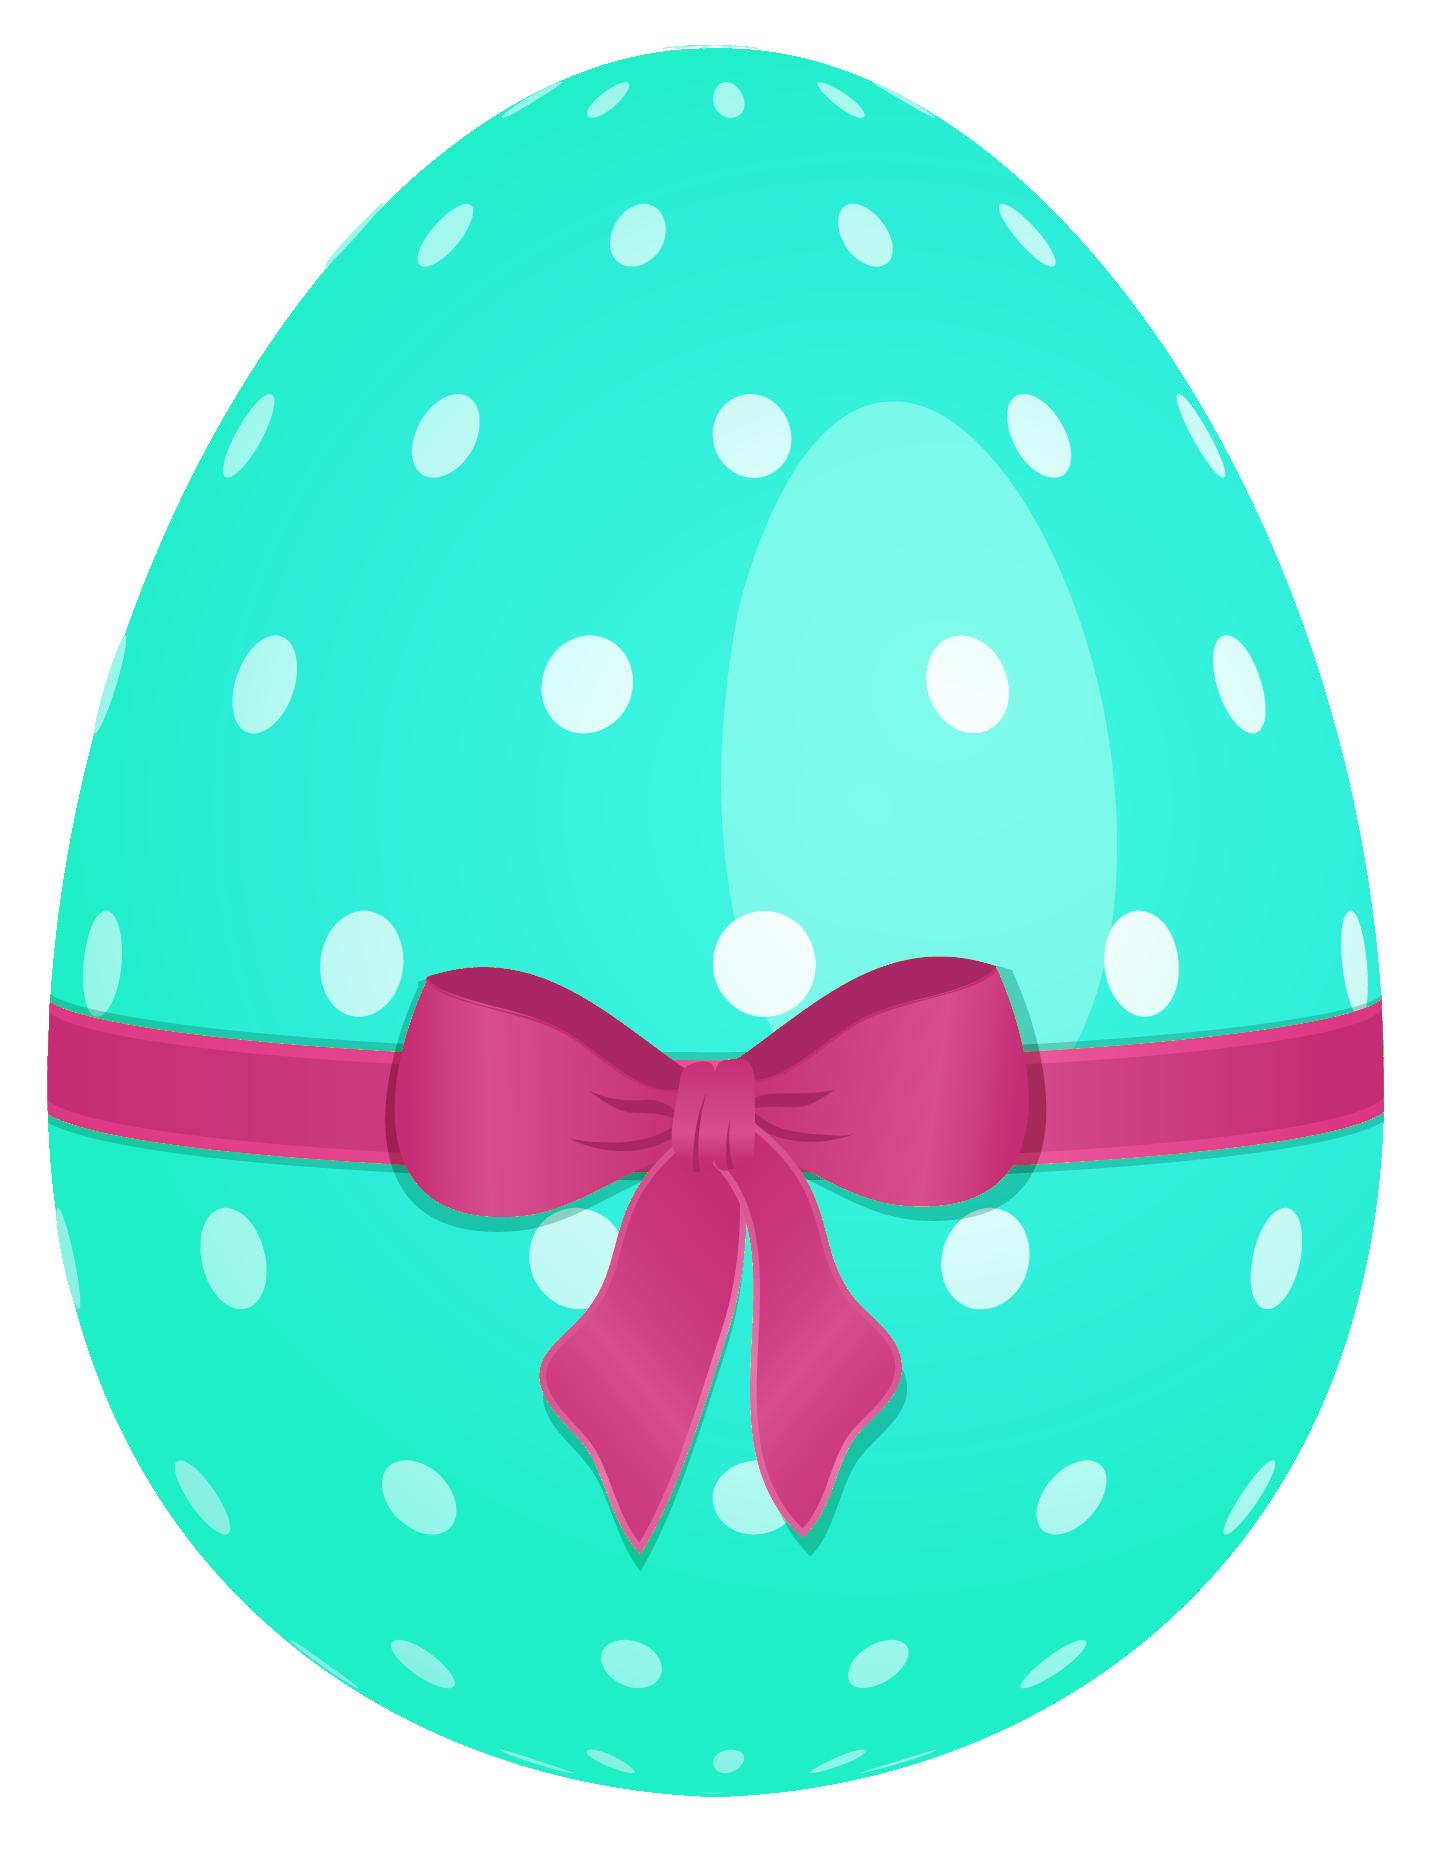 easter egg clipart sky blue easter egg easter clip pinterest rh pinterest com easter egg clip art free printable easter egg clipart free